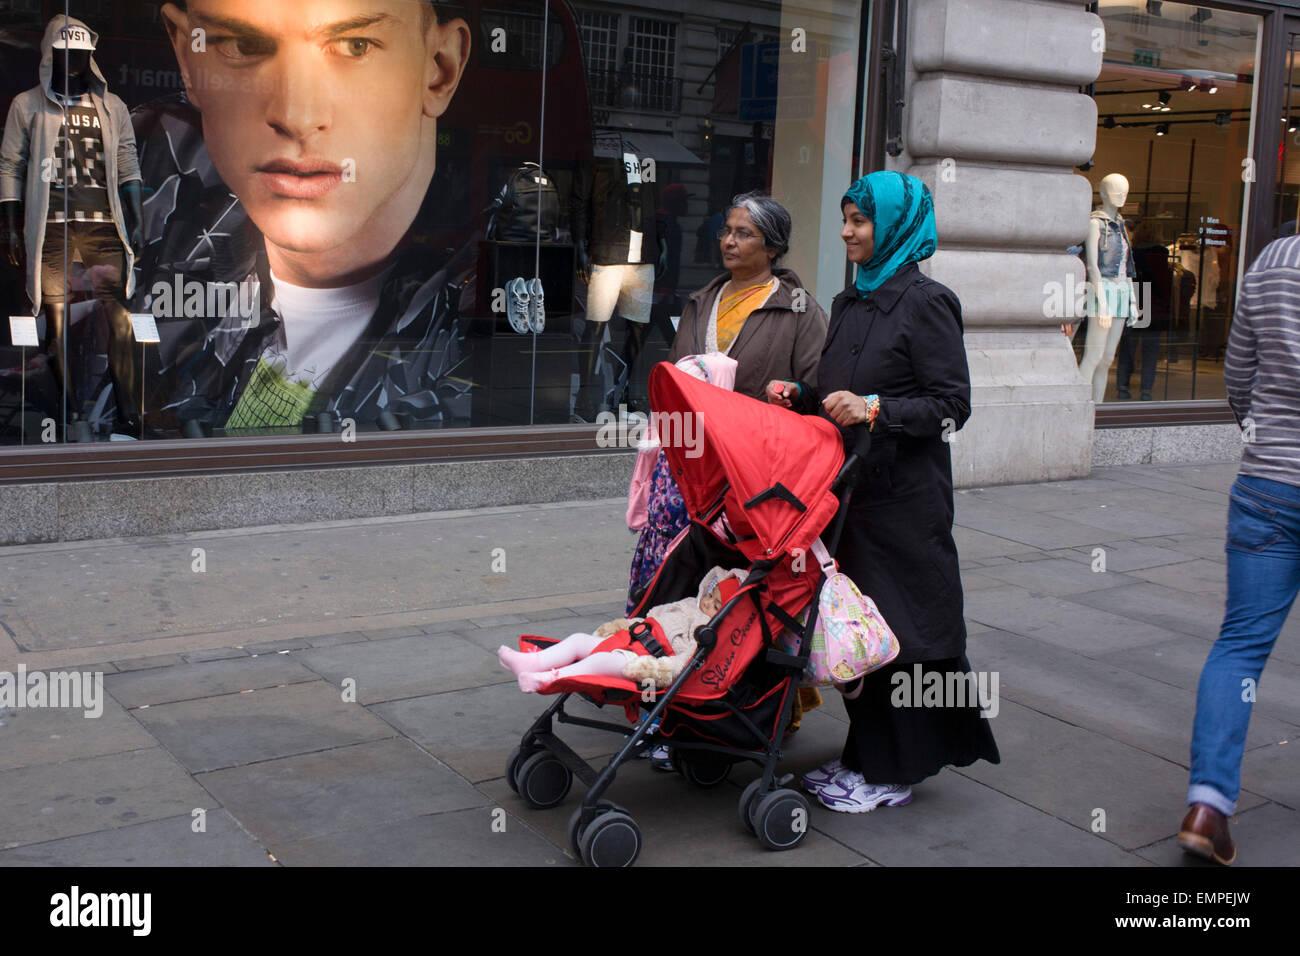 Mussola di famiglia e una grande immagine di un modello maschile nella finestra di abbigliamento rivenditore H&M Immagini Stock